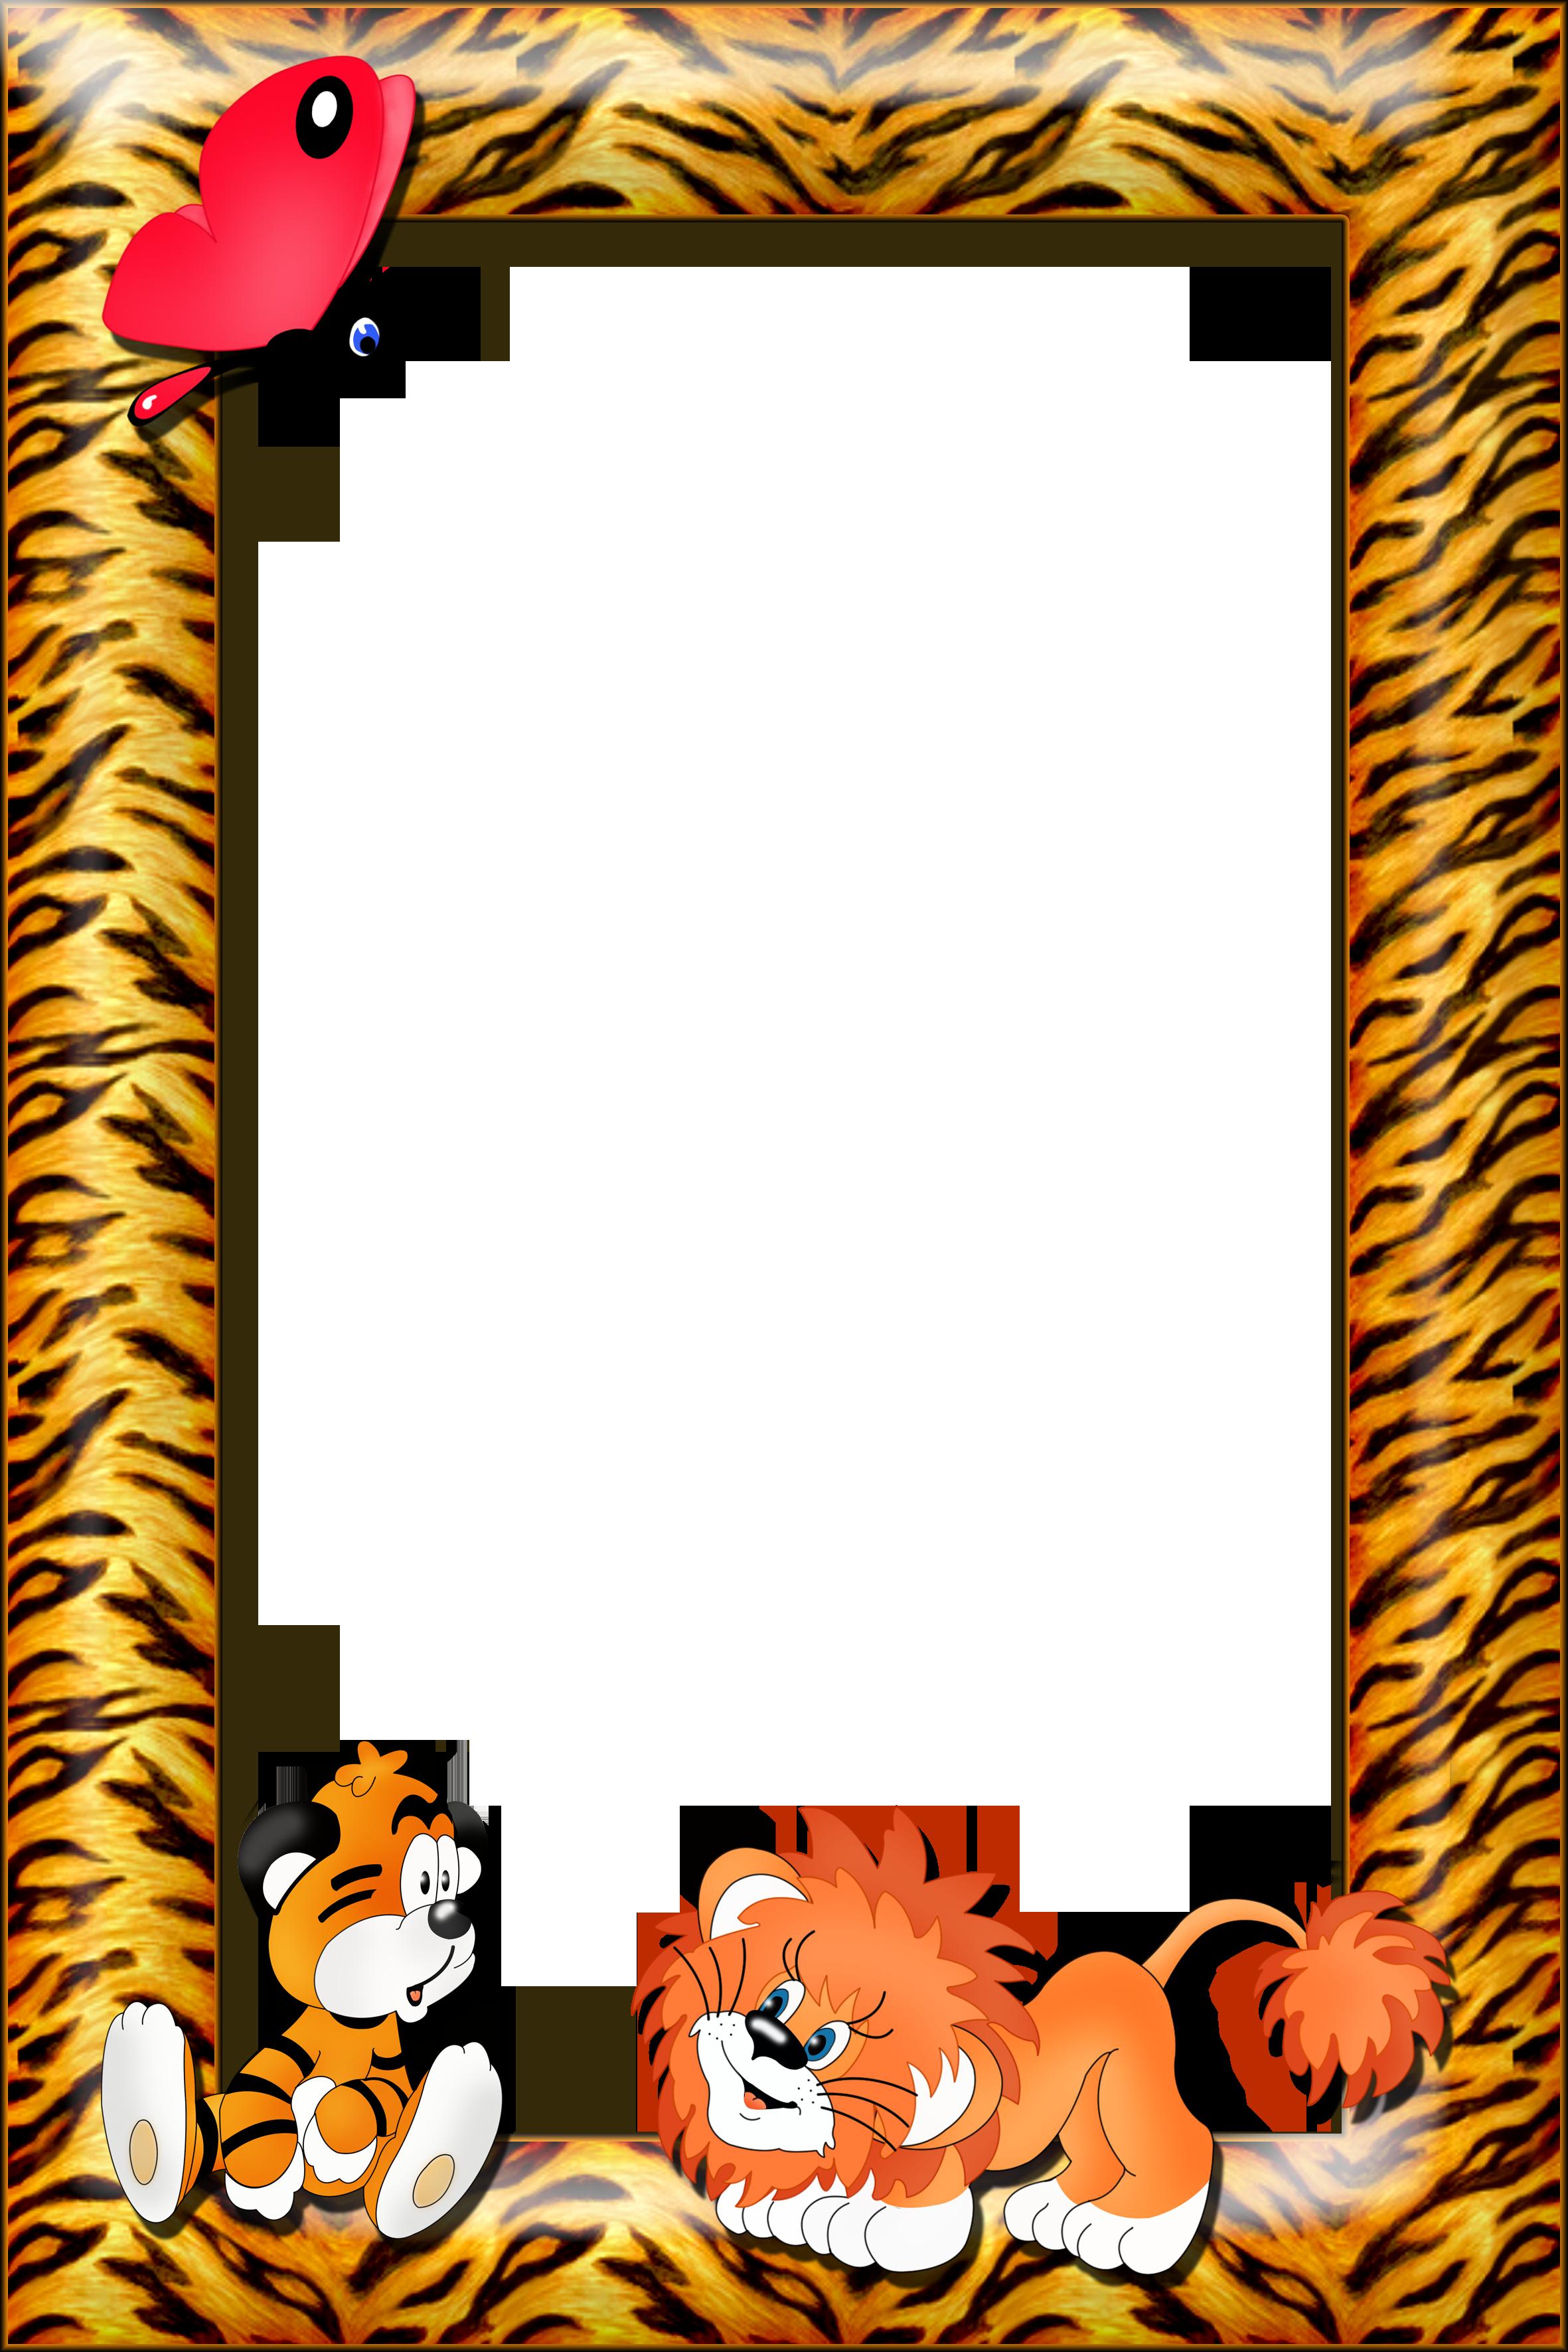 Tiger clipart frame #13